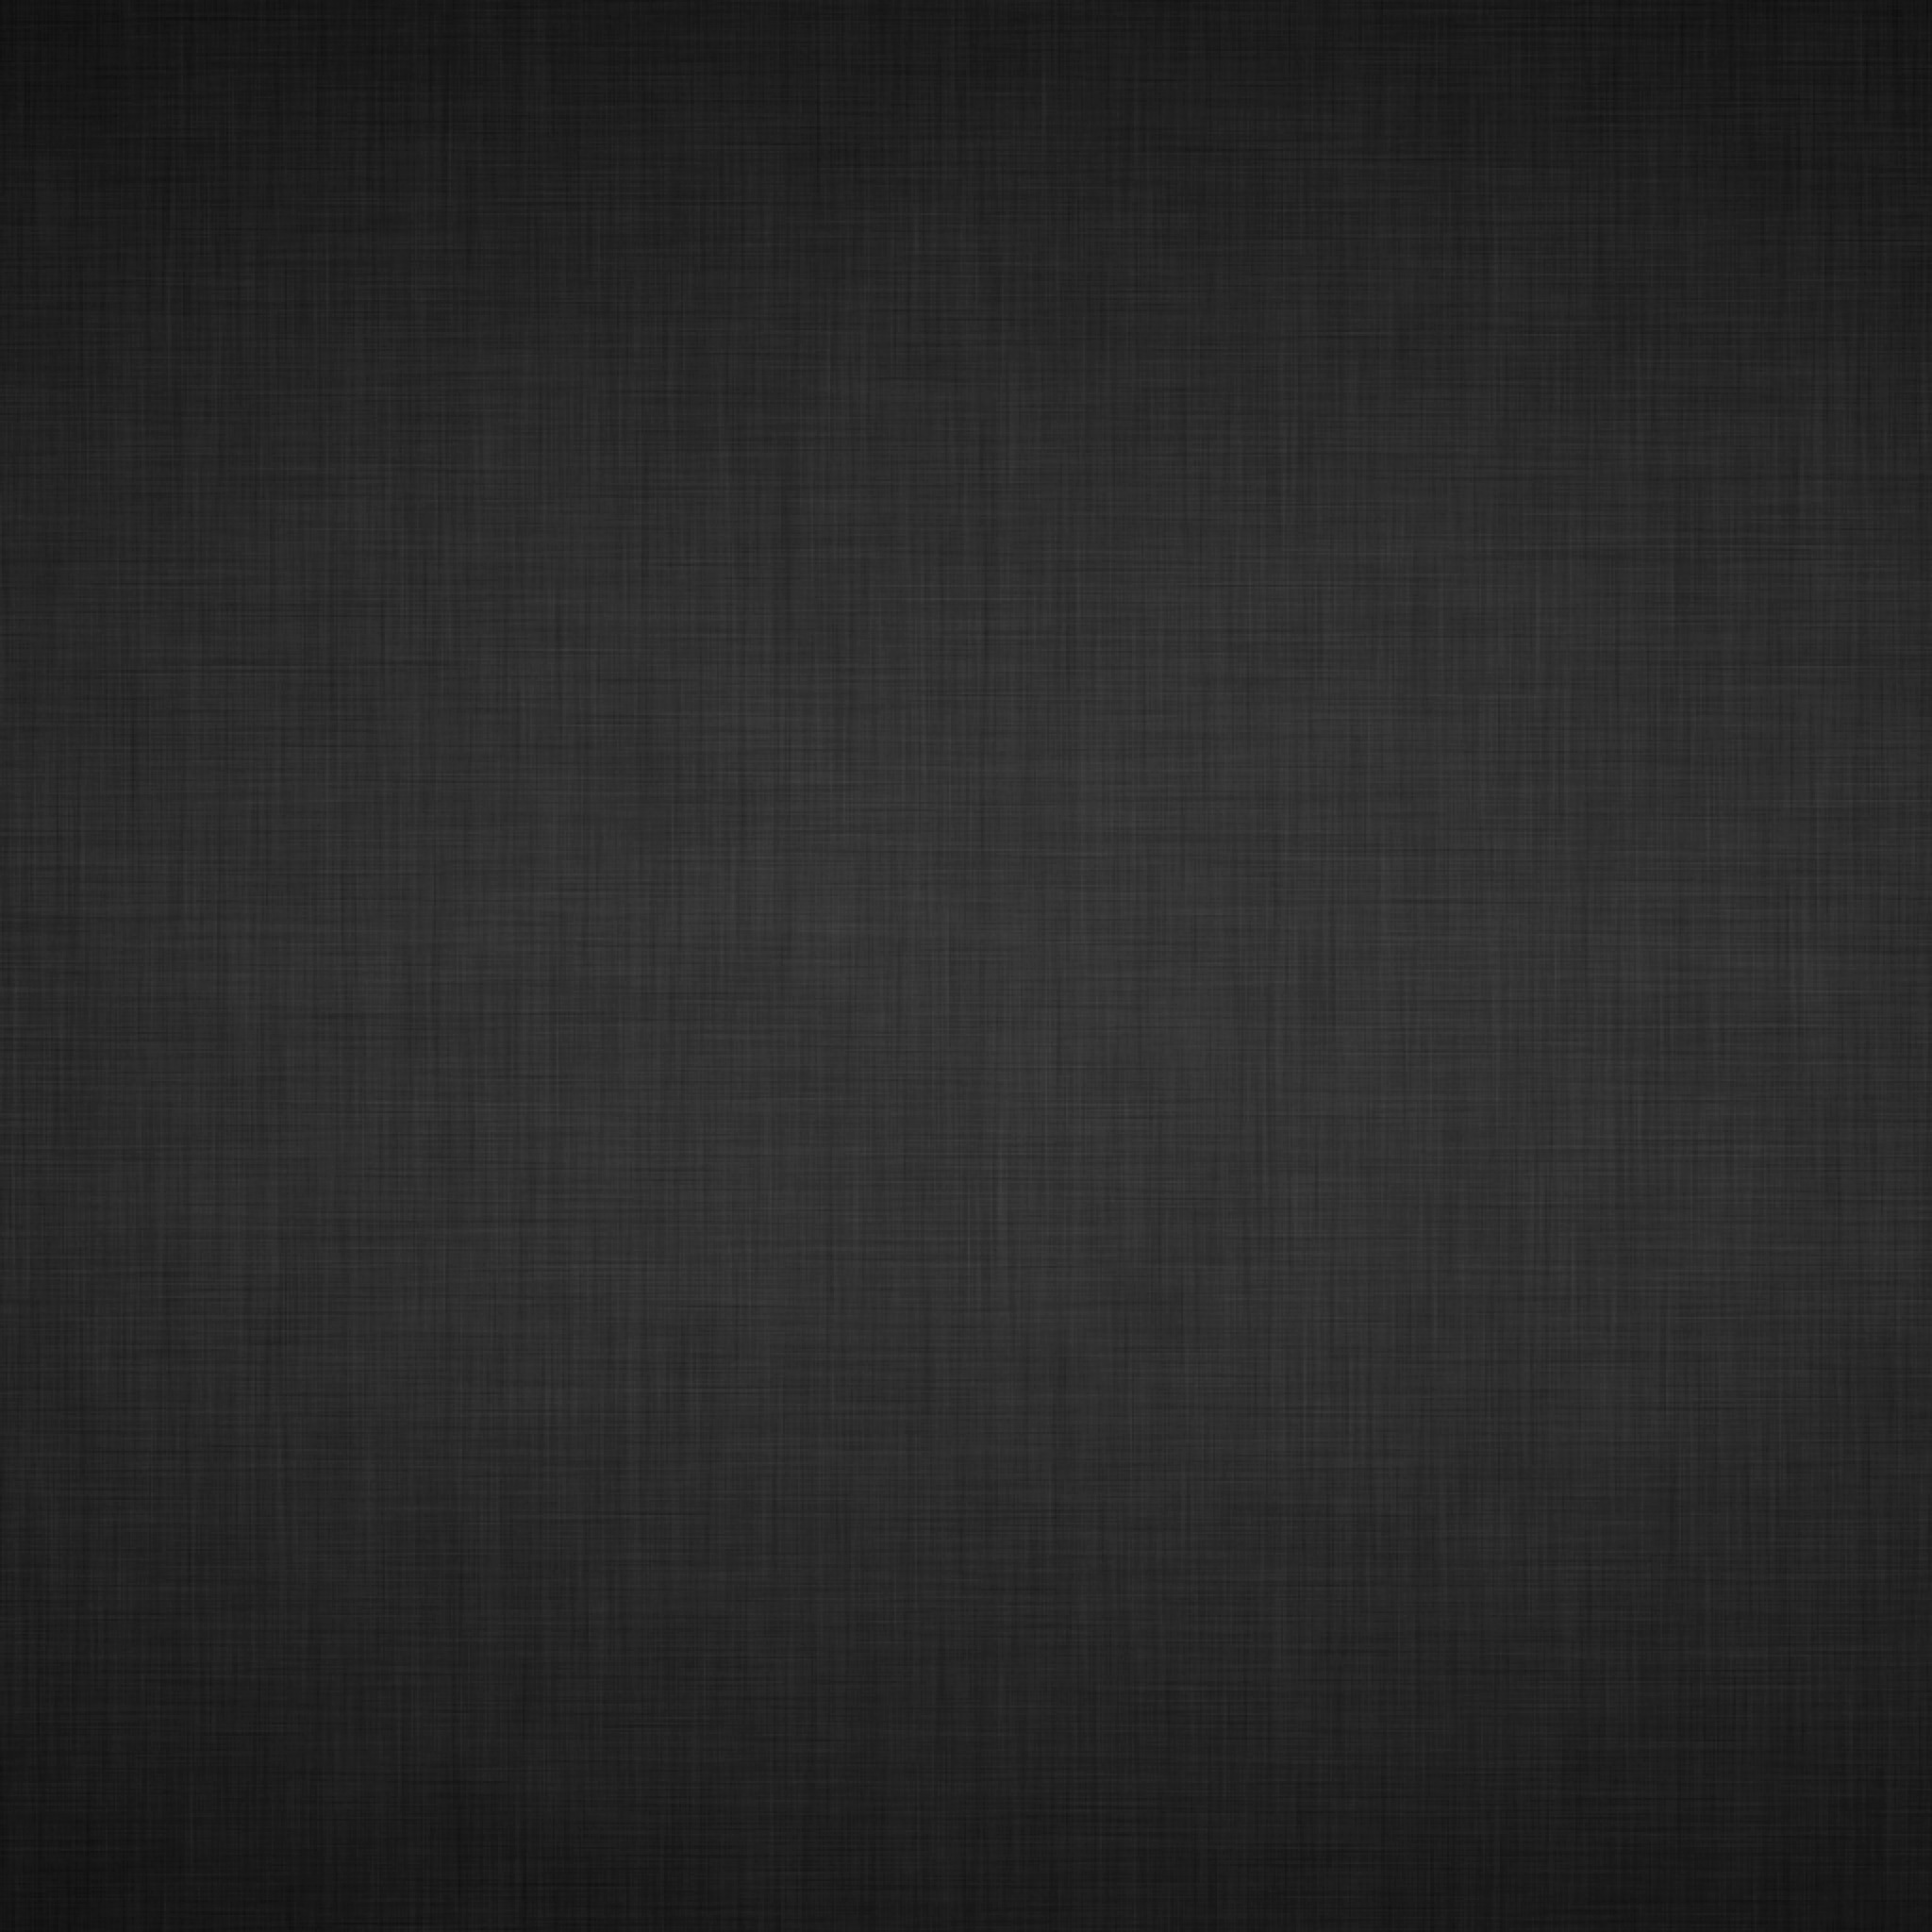 Apple iPad Mini Wallpaper HD New 65 Freetopwallpapercom 2048x2048